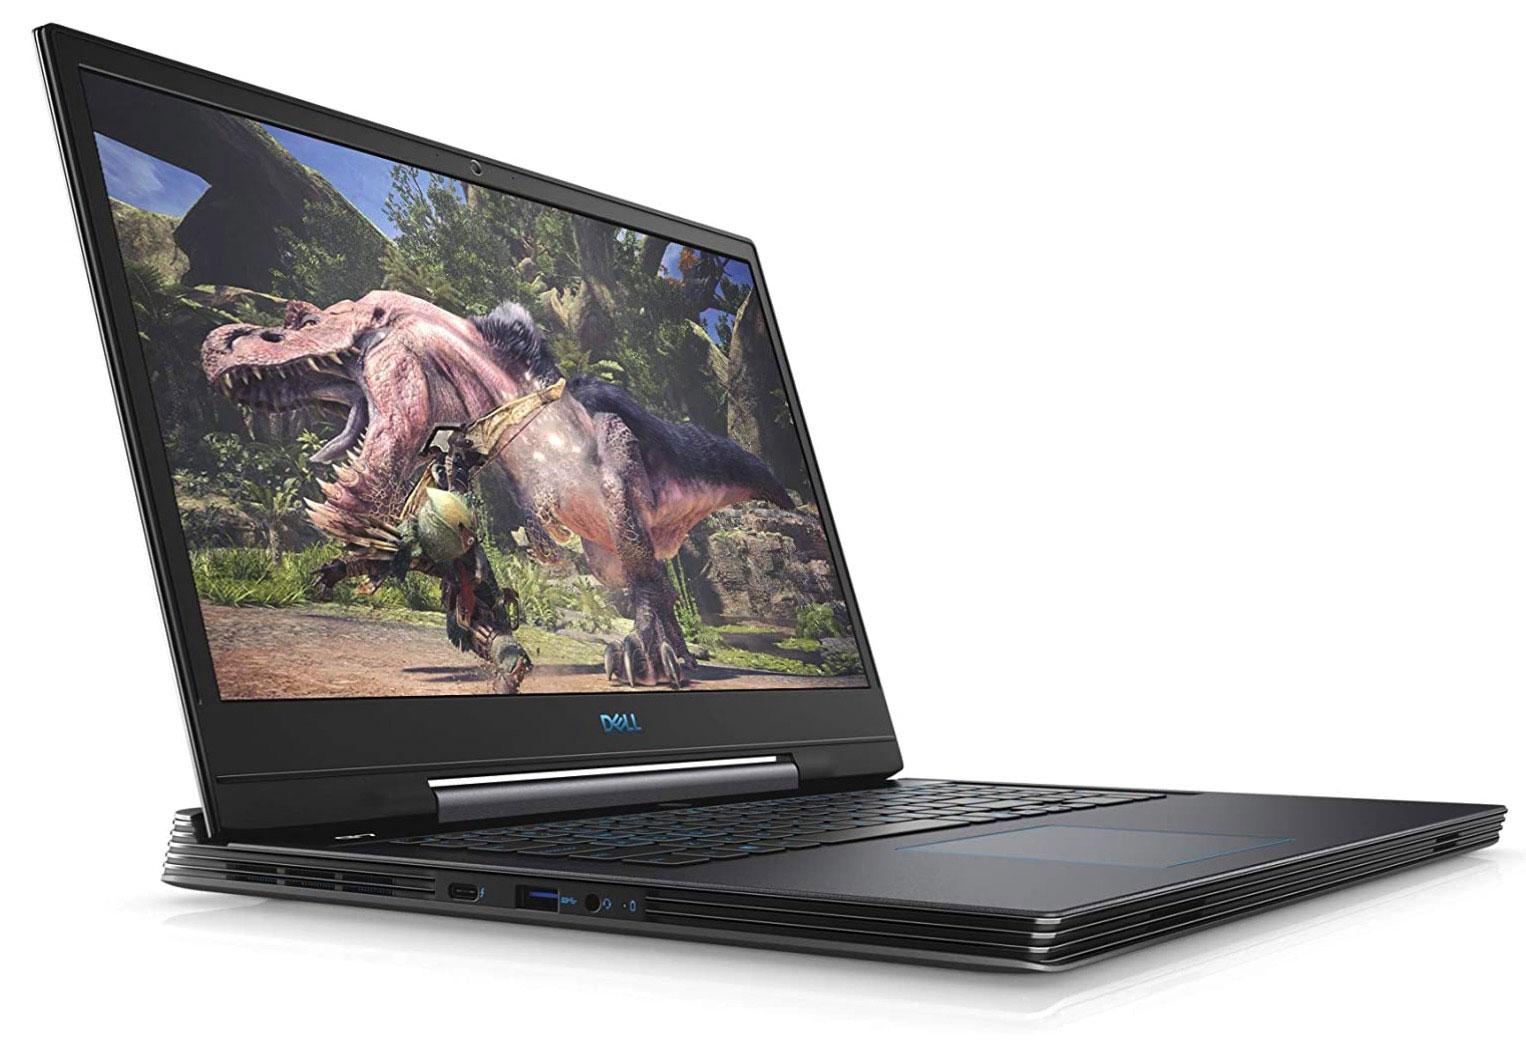 Le Dell Inspiron G7 17-7790